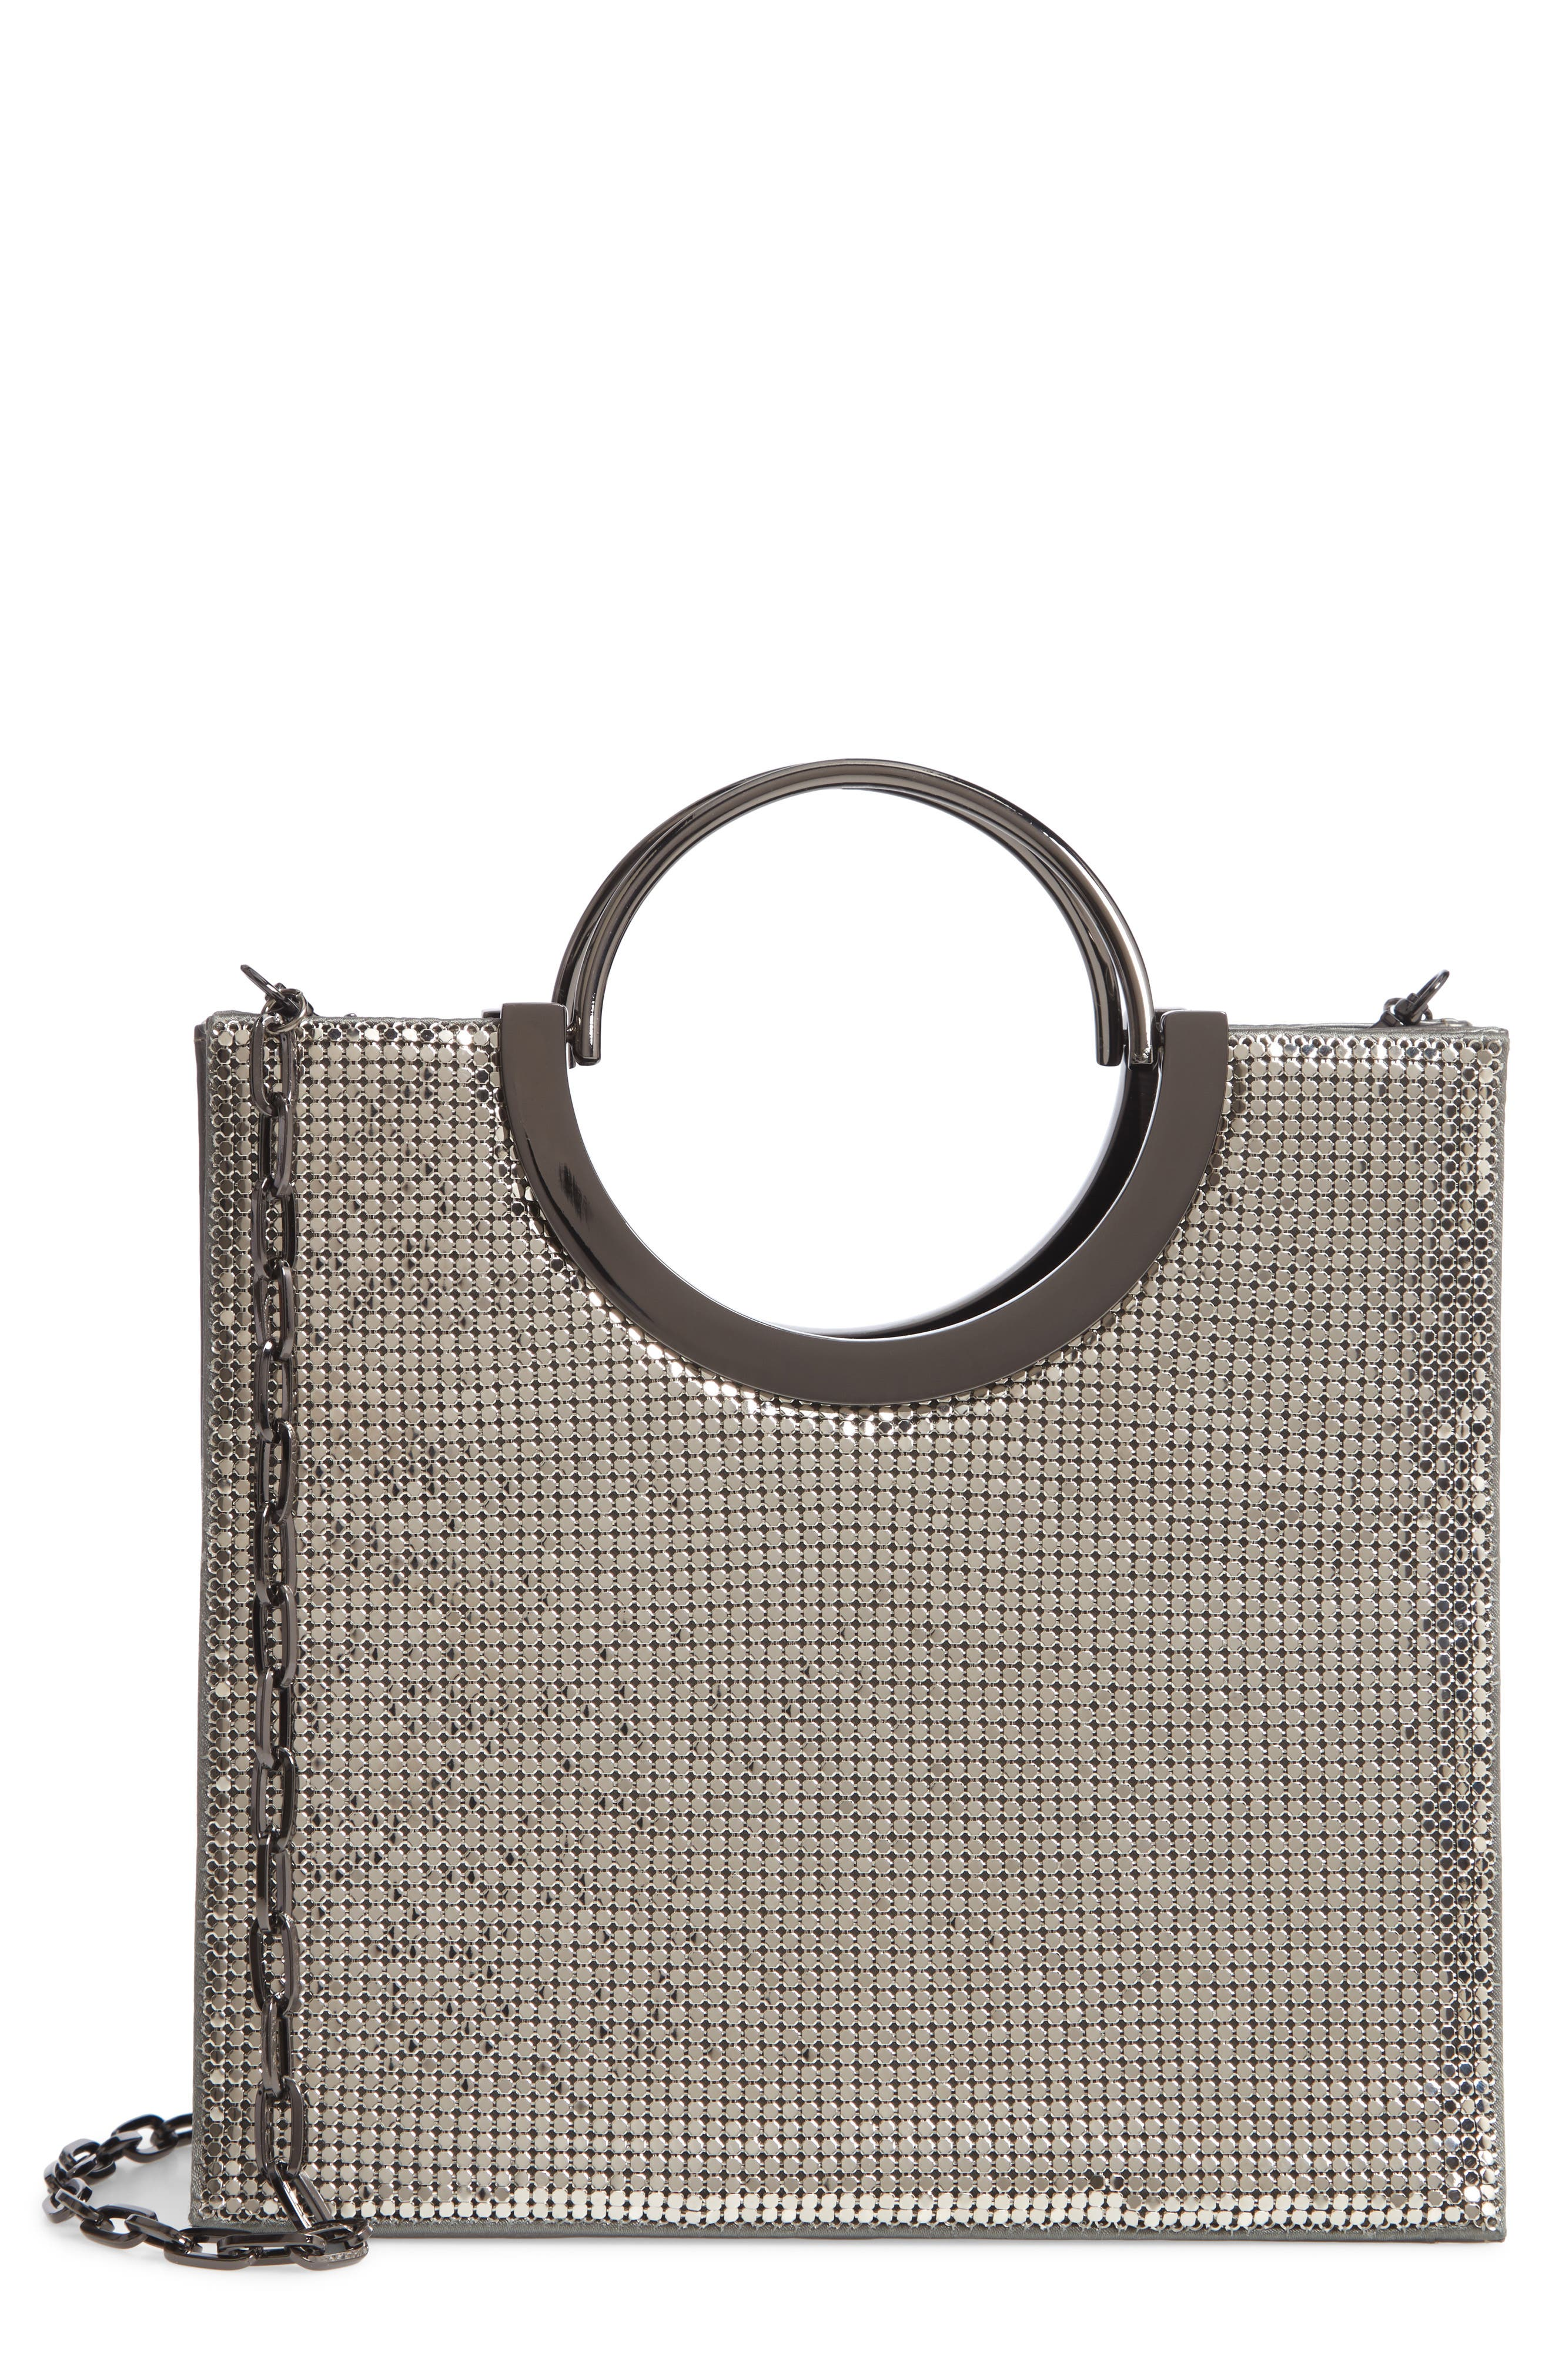 Nolita Tote Bag - Grey in Pewter